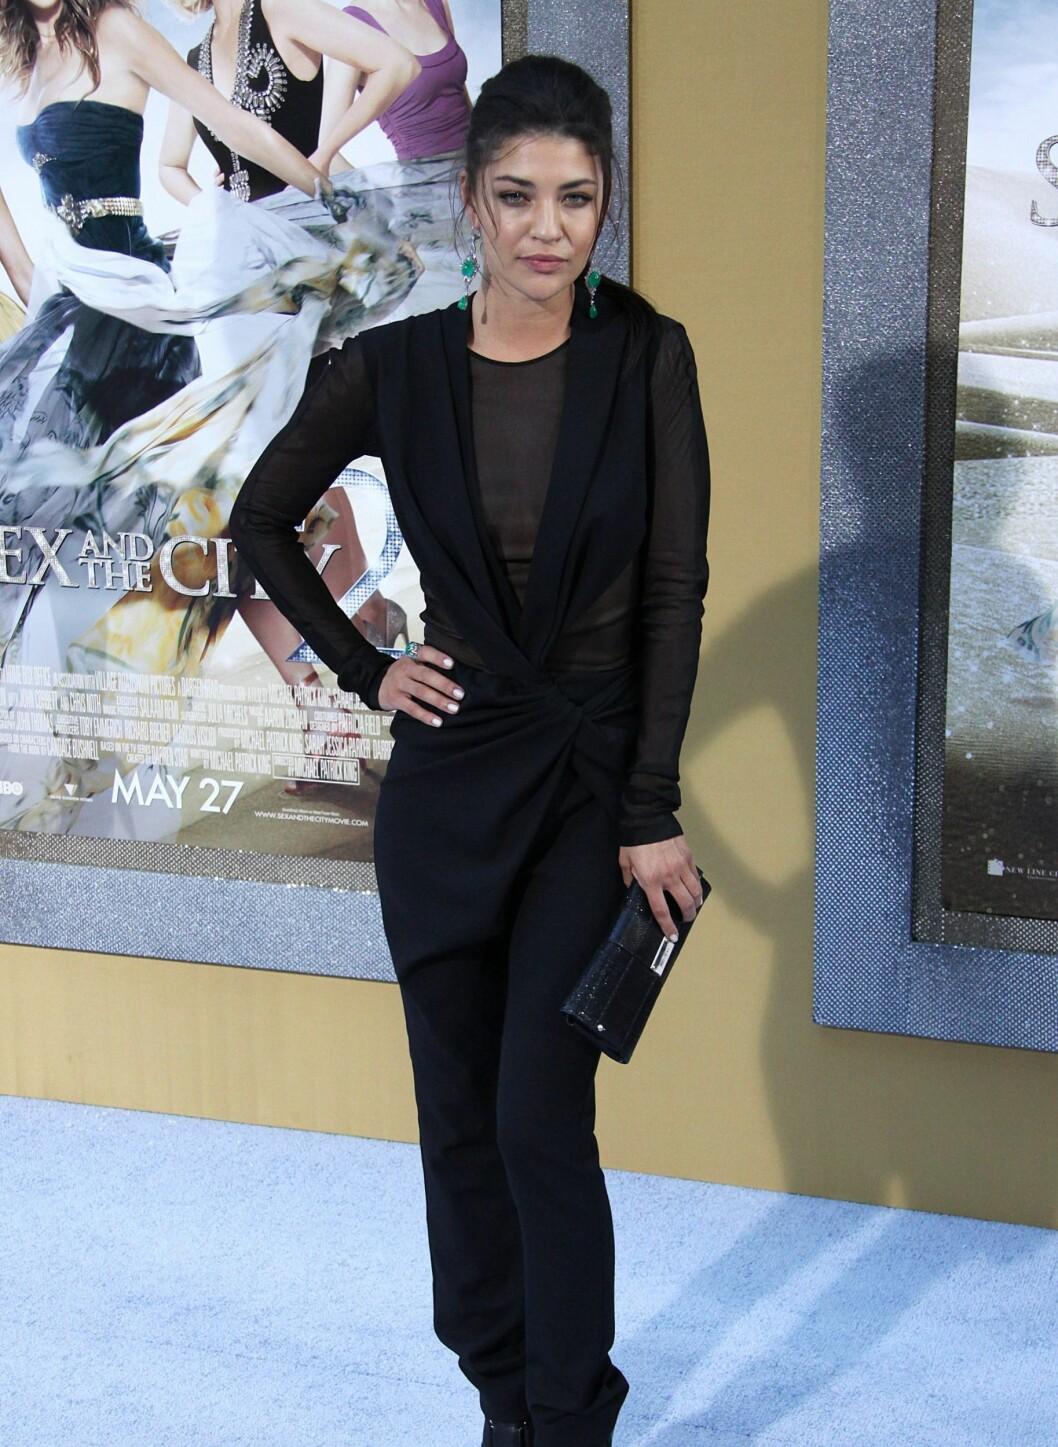 """... og Gossip Girl-stjernen Jessica Szohr, TV-serien som av mange ses på som """"den nye Sex og Singelliv"""". Foto: All Over Press"""